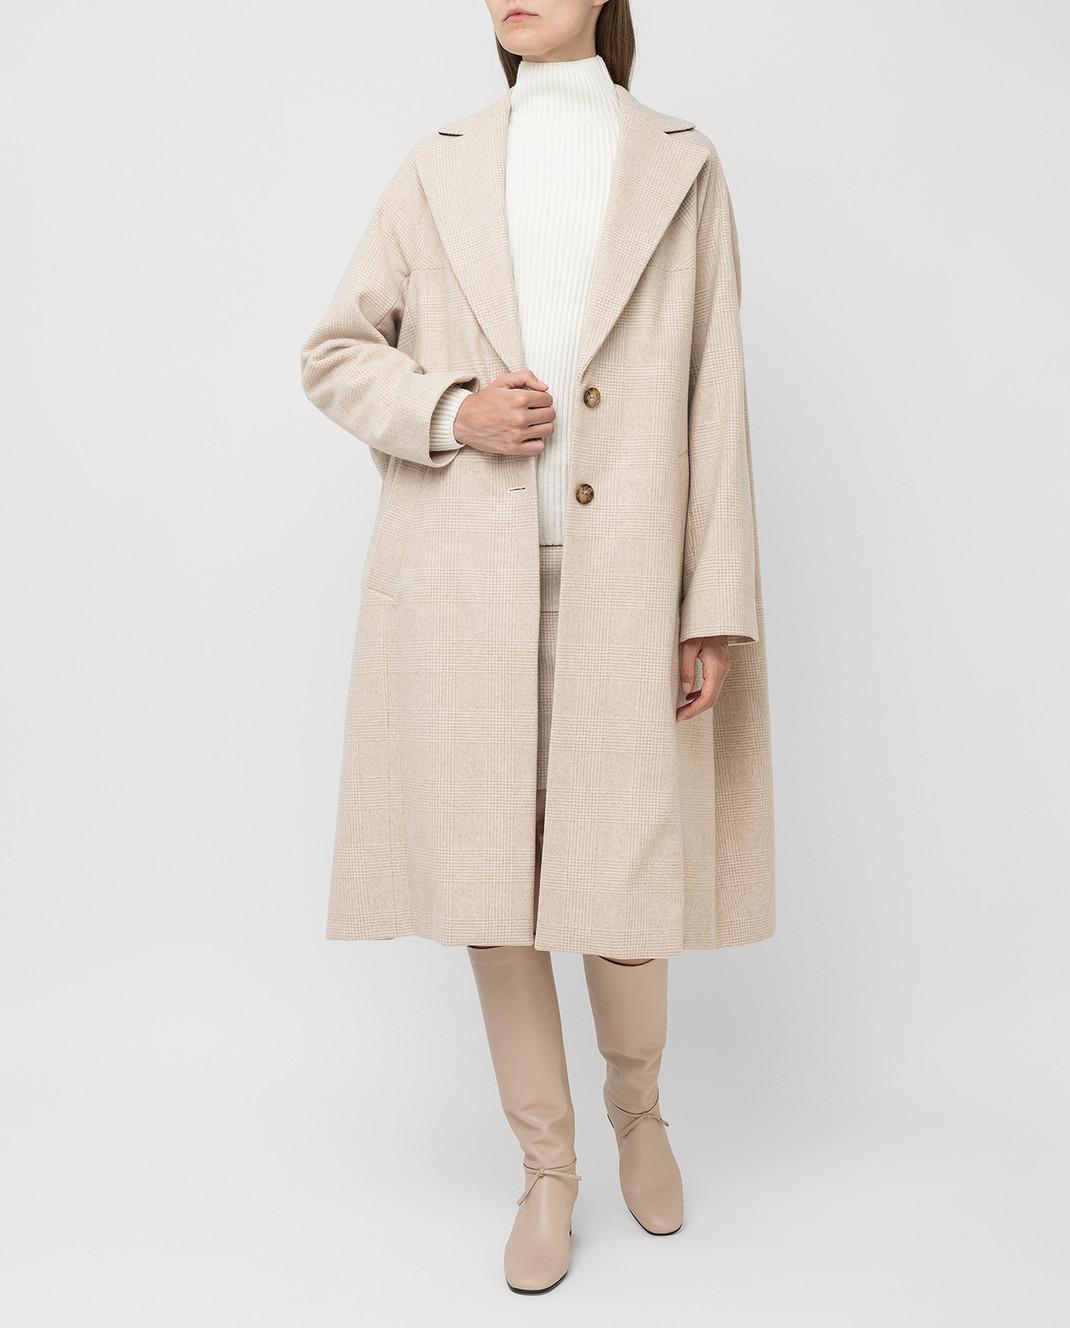 NINA RICCI Светло-бежевое пальто из шерсти изображение 2